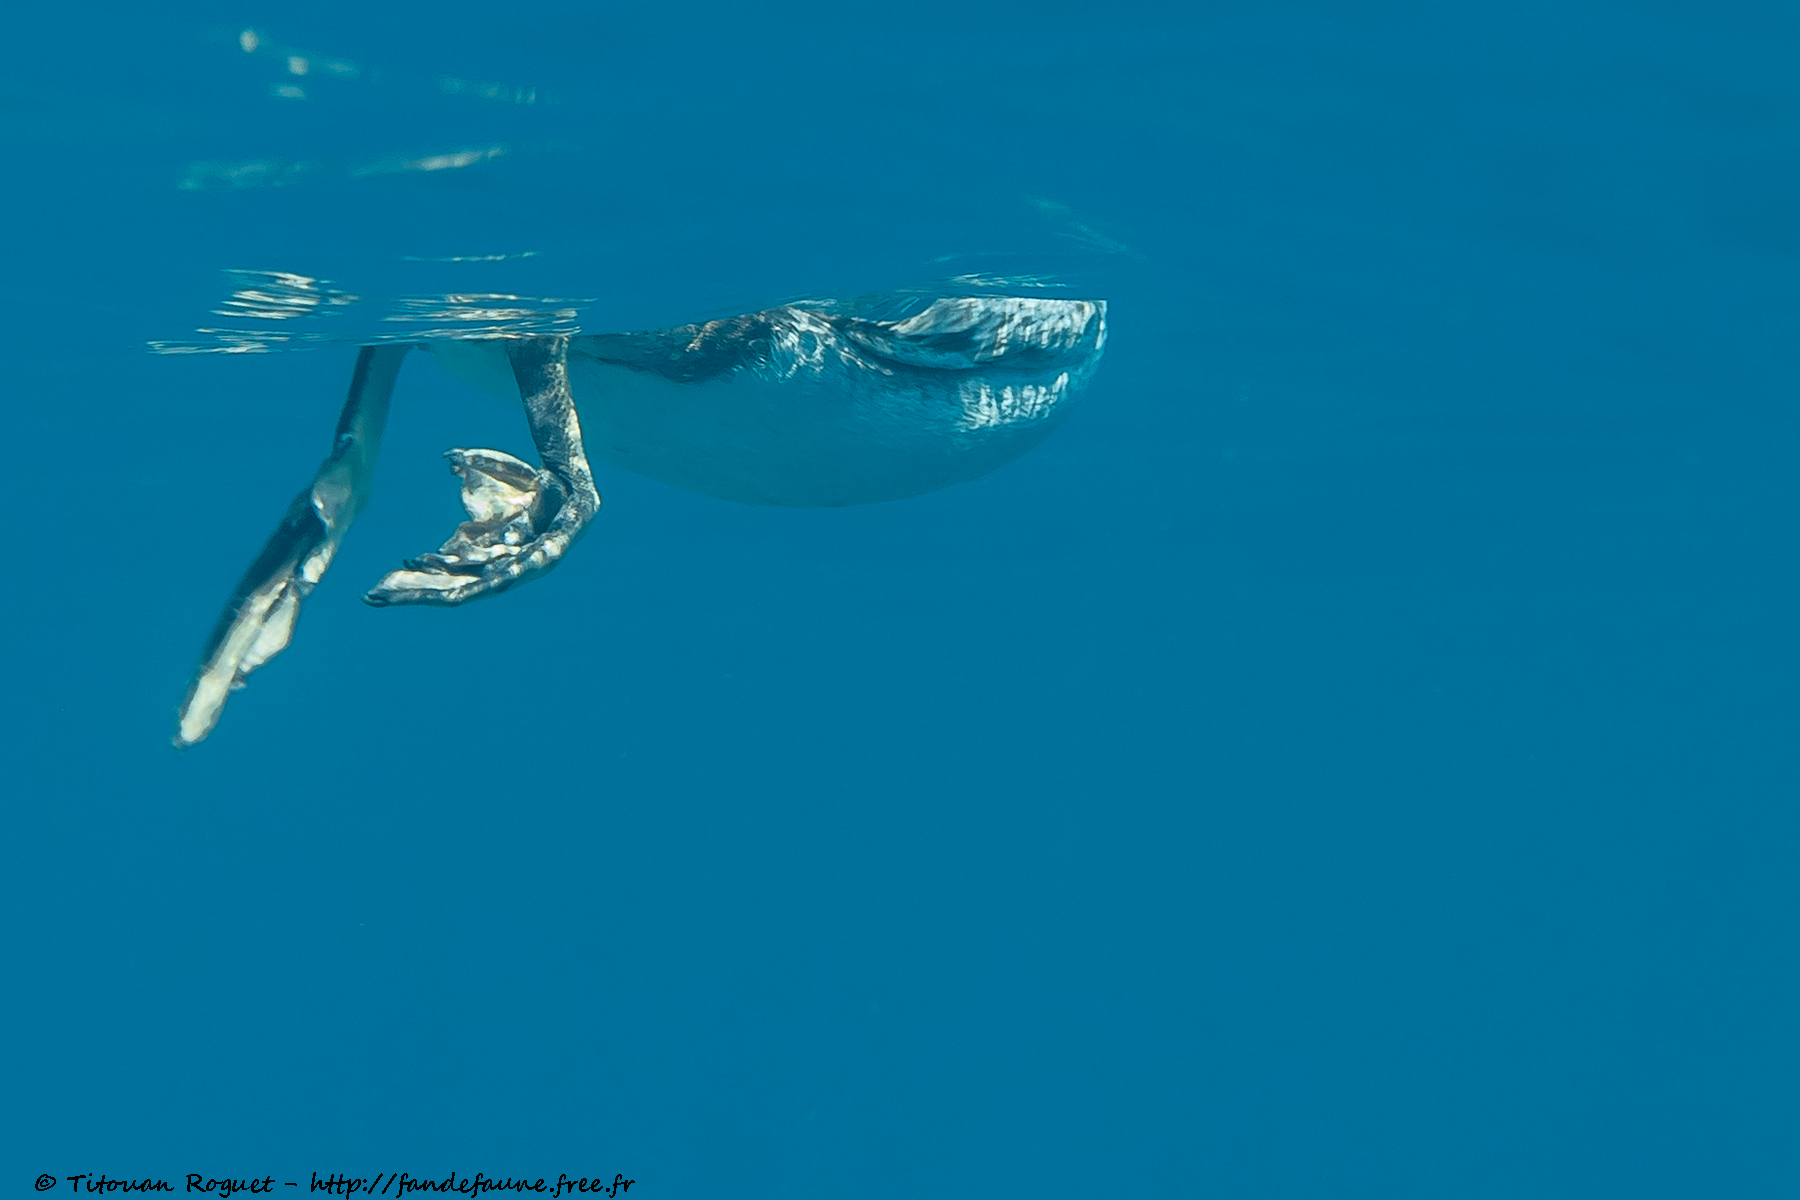 Cormoran huppé de Méditerranée (Phalacrocorax aristotelis desmarestii) photographié avec Lumix LX100 et un caisson Ikelite